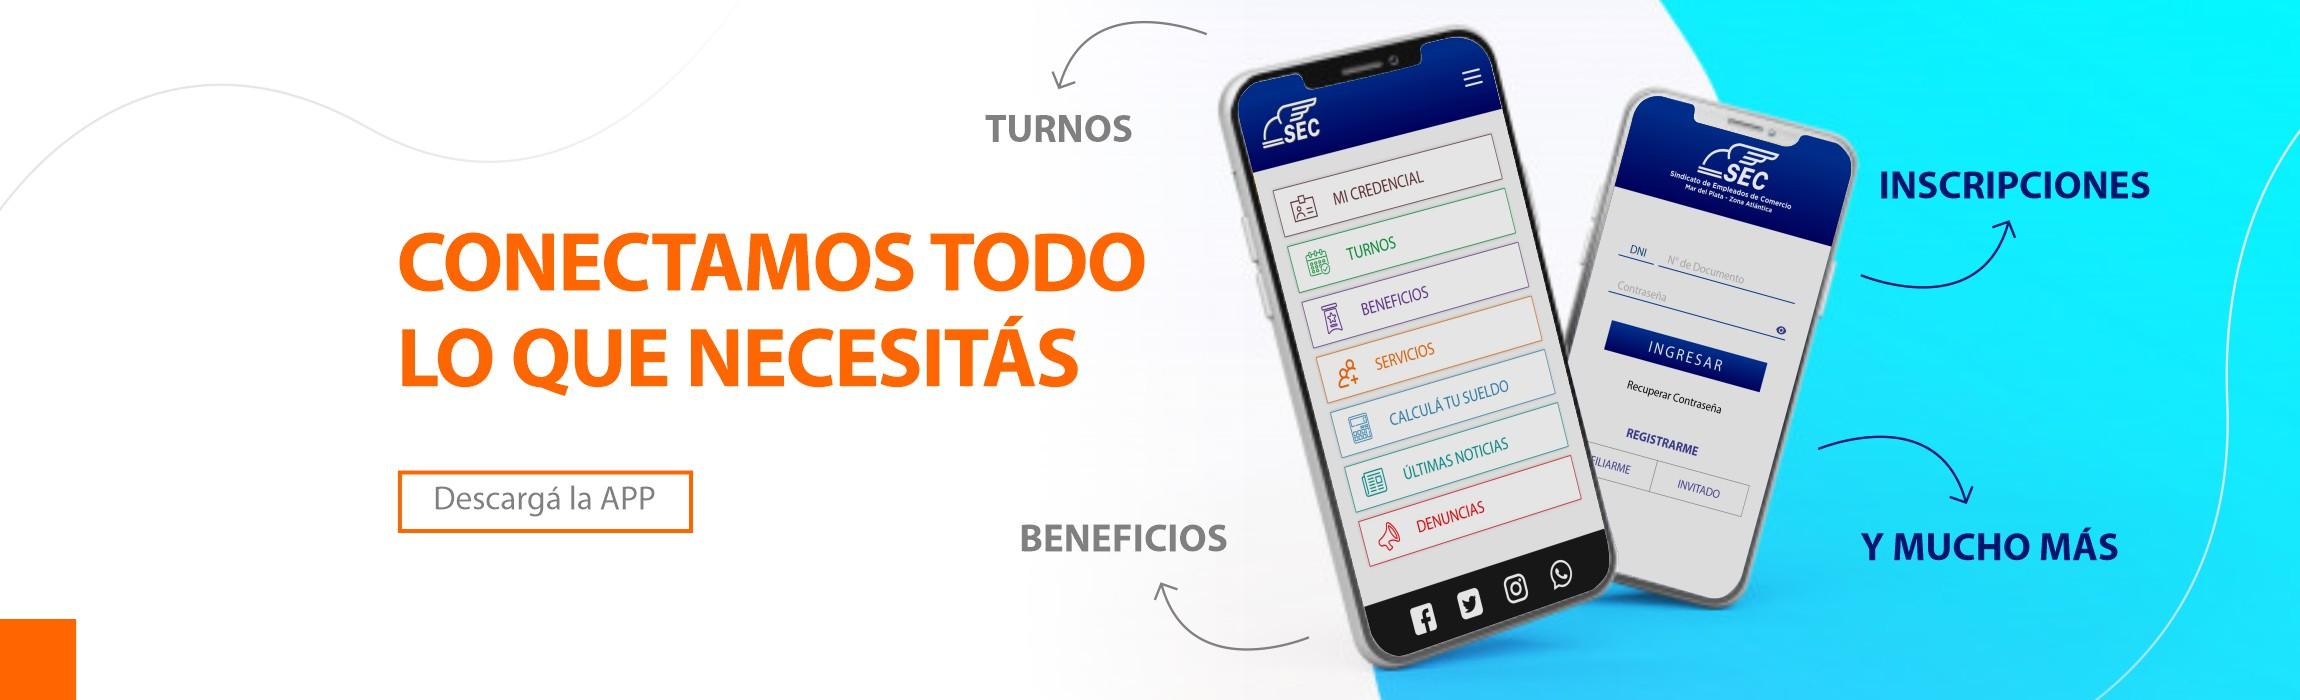 Descargate la app